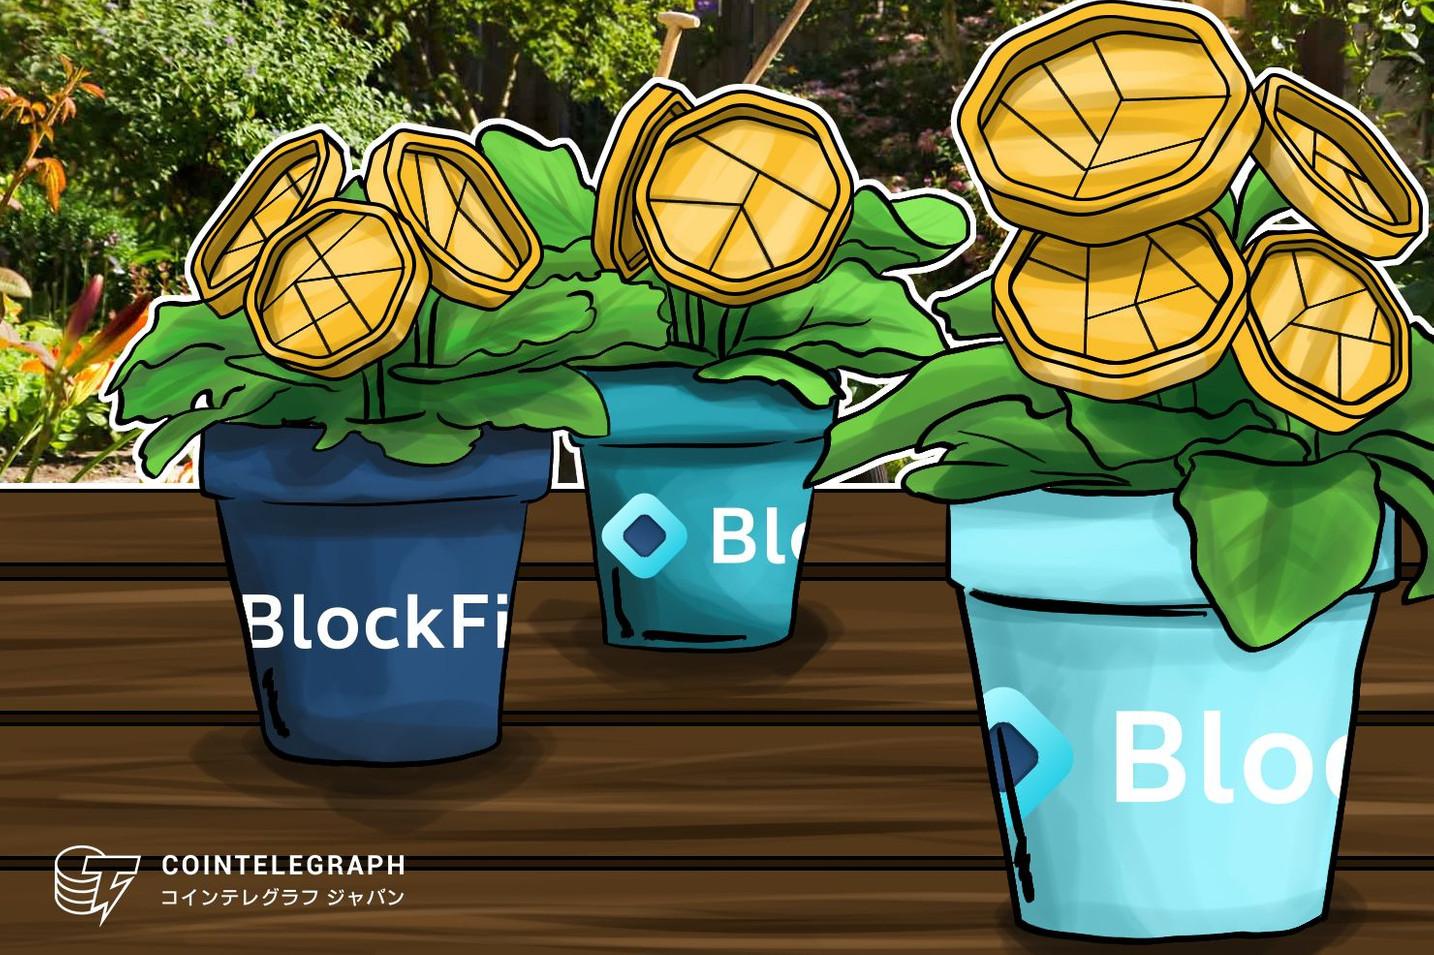 ブロックファイ、仮想通貨トレードサービス開始 ビットコイン、イーサなど対象【ニュース】